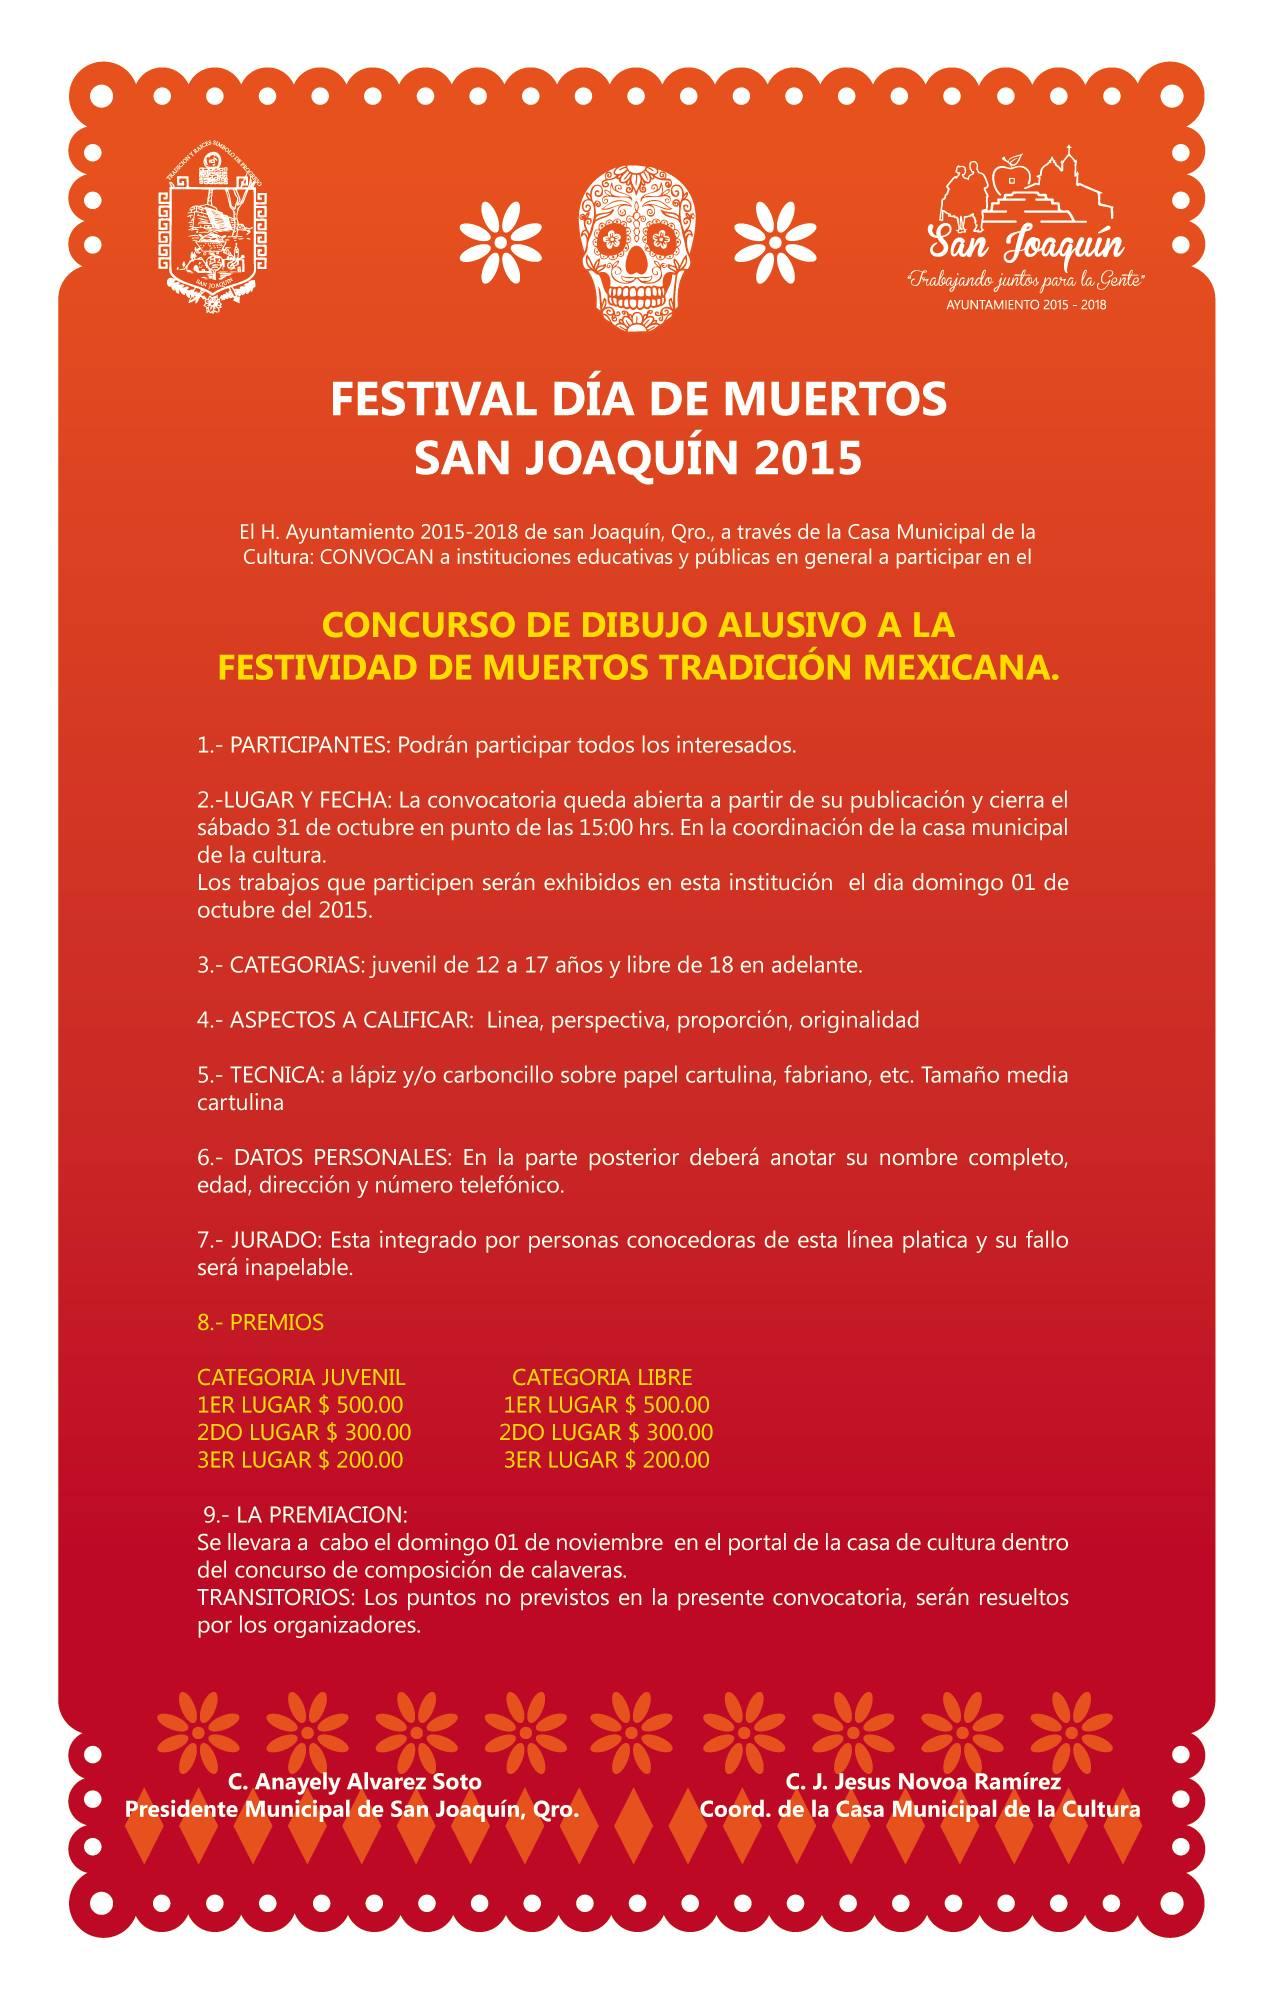 Festival de Muertos 2015 San Joaquín, Qro. 2015